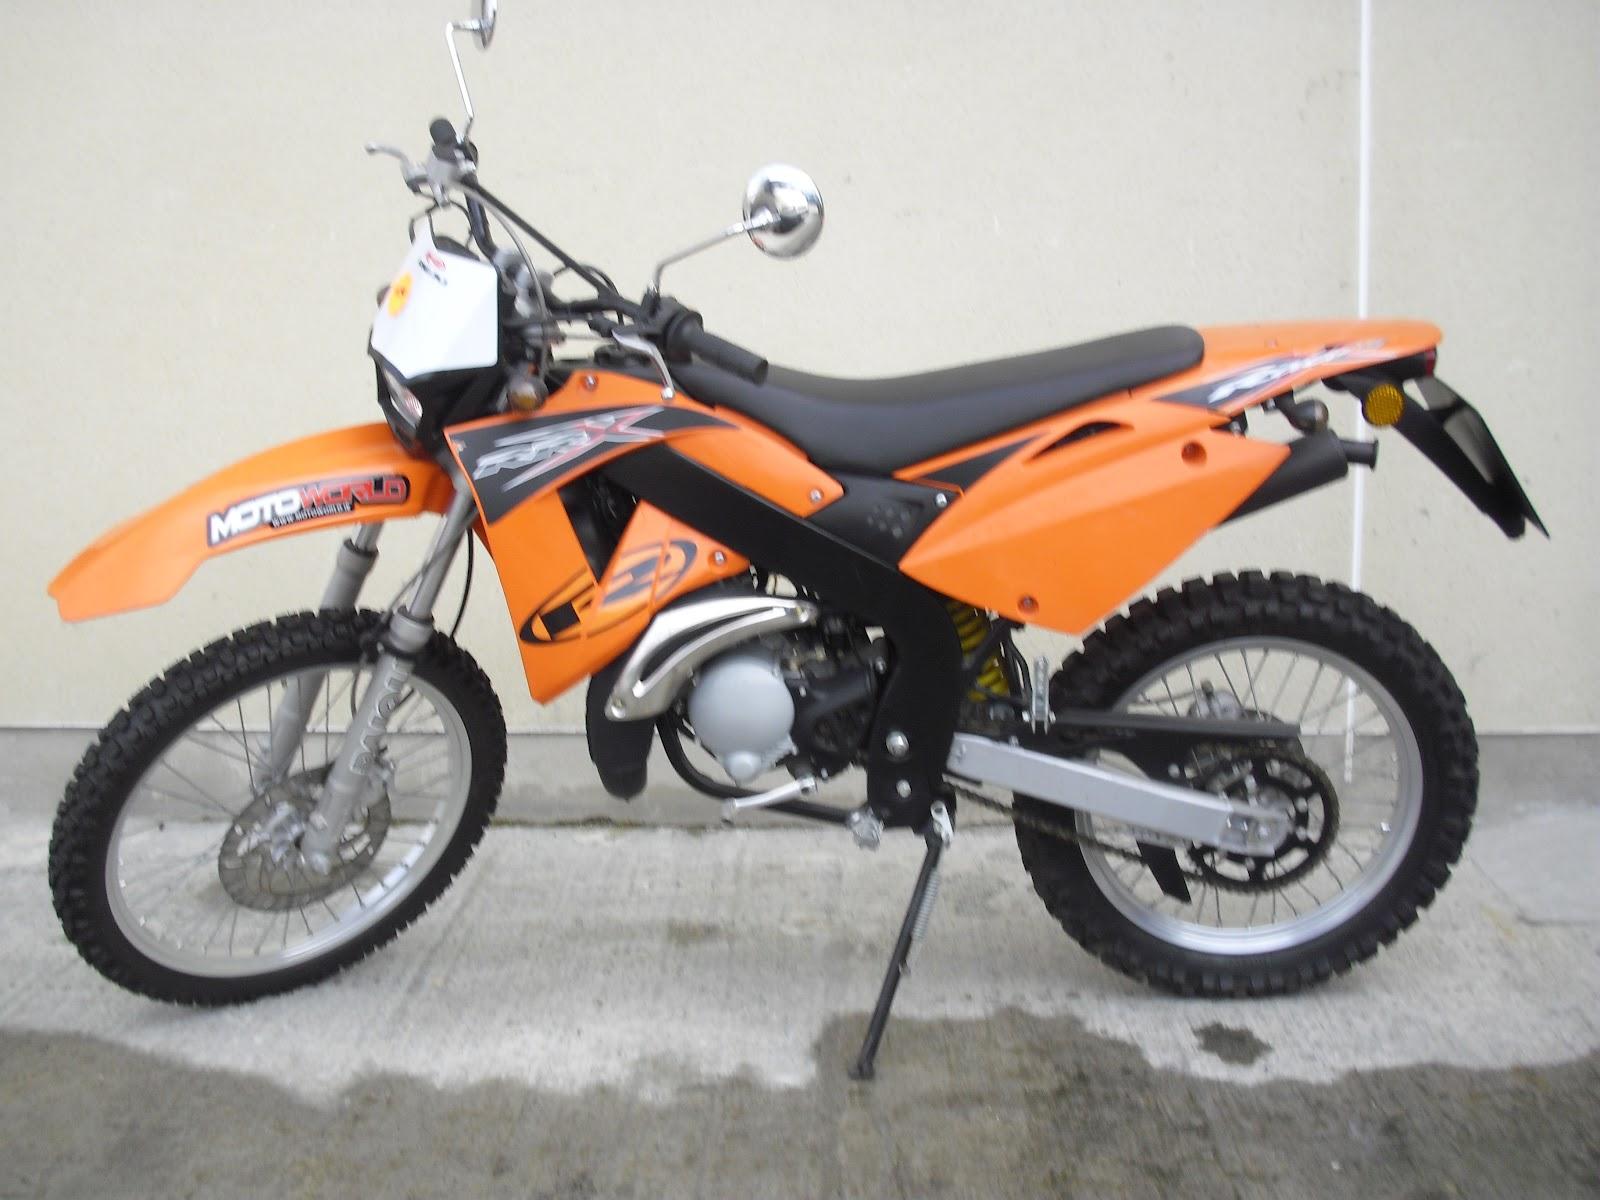 sports bike blog,Latest Bikes,Bikes in 2012: motorbikes